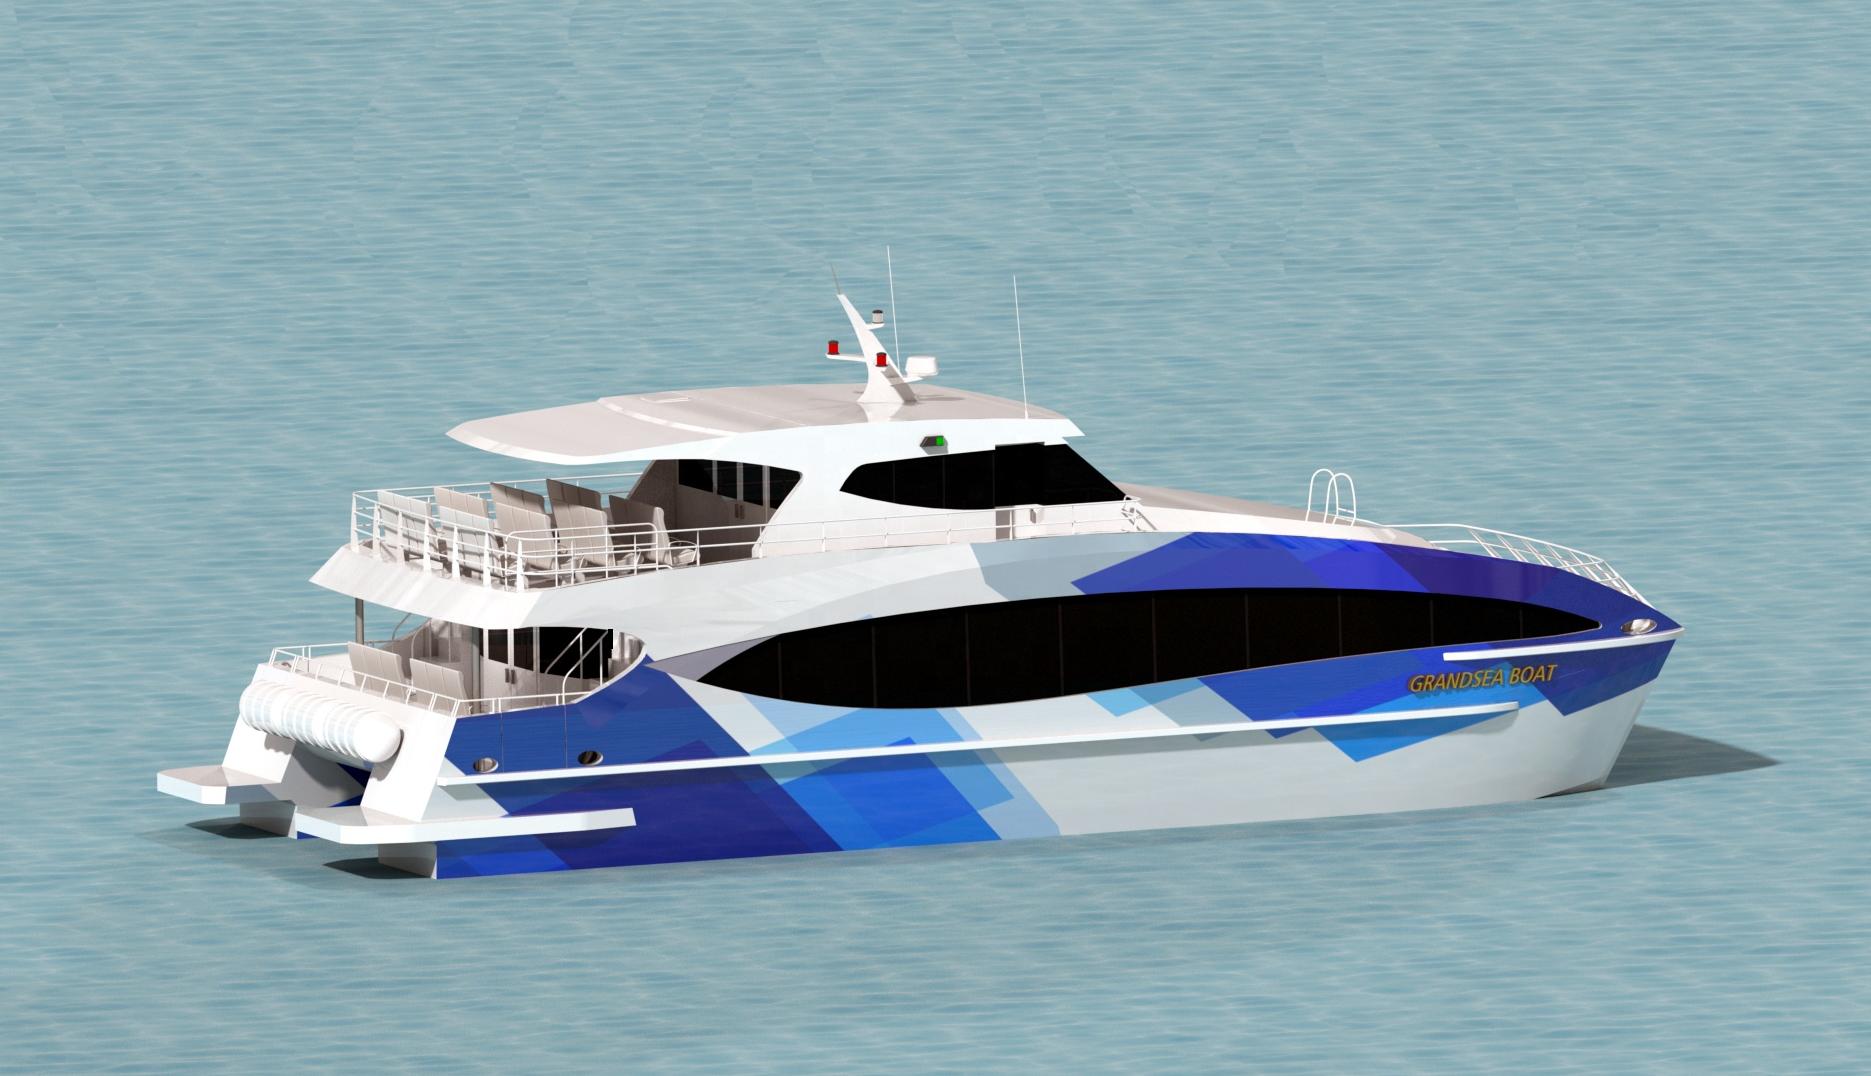 Grandsea de aluminio 100 Pax catamarán Ferry de pasajeros de los fabricantes